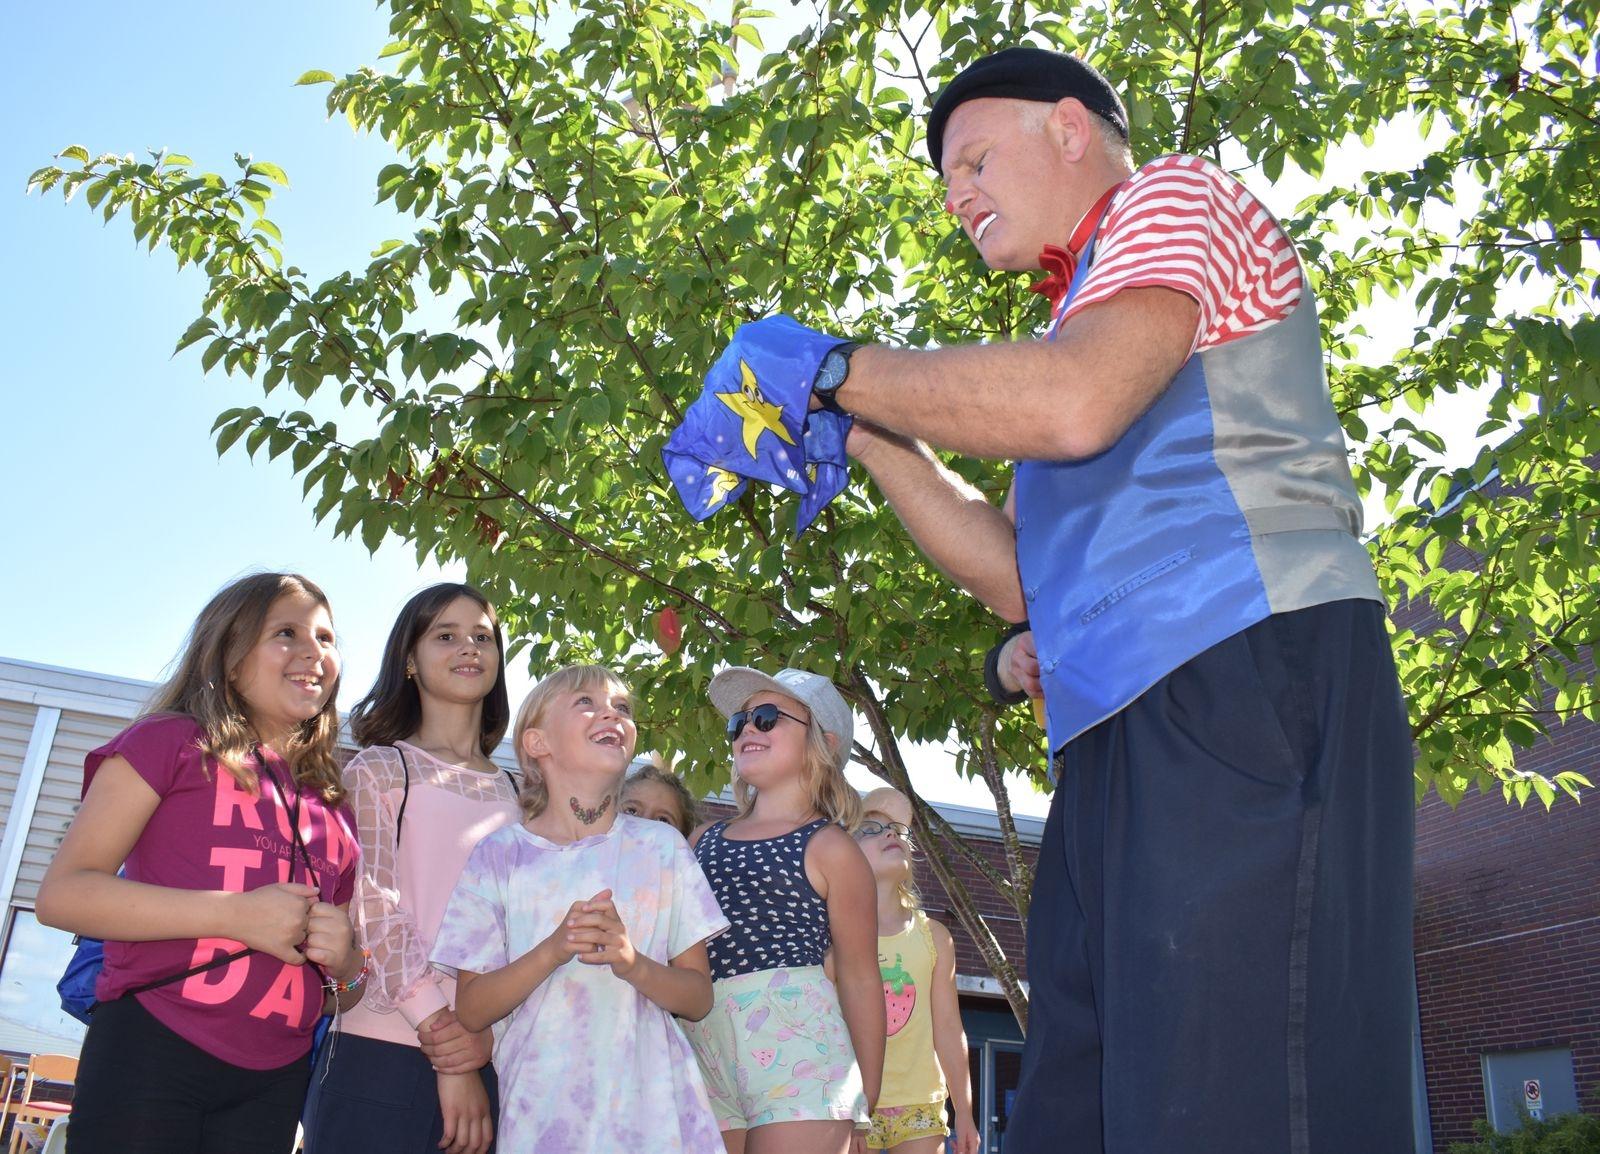 Barnen försöker att lista ut hur trollkarlen Mike får saker och ting att försvinna.